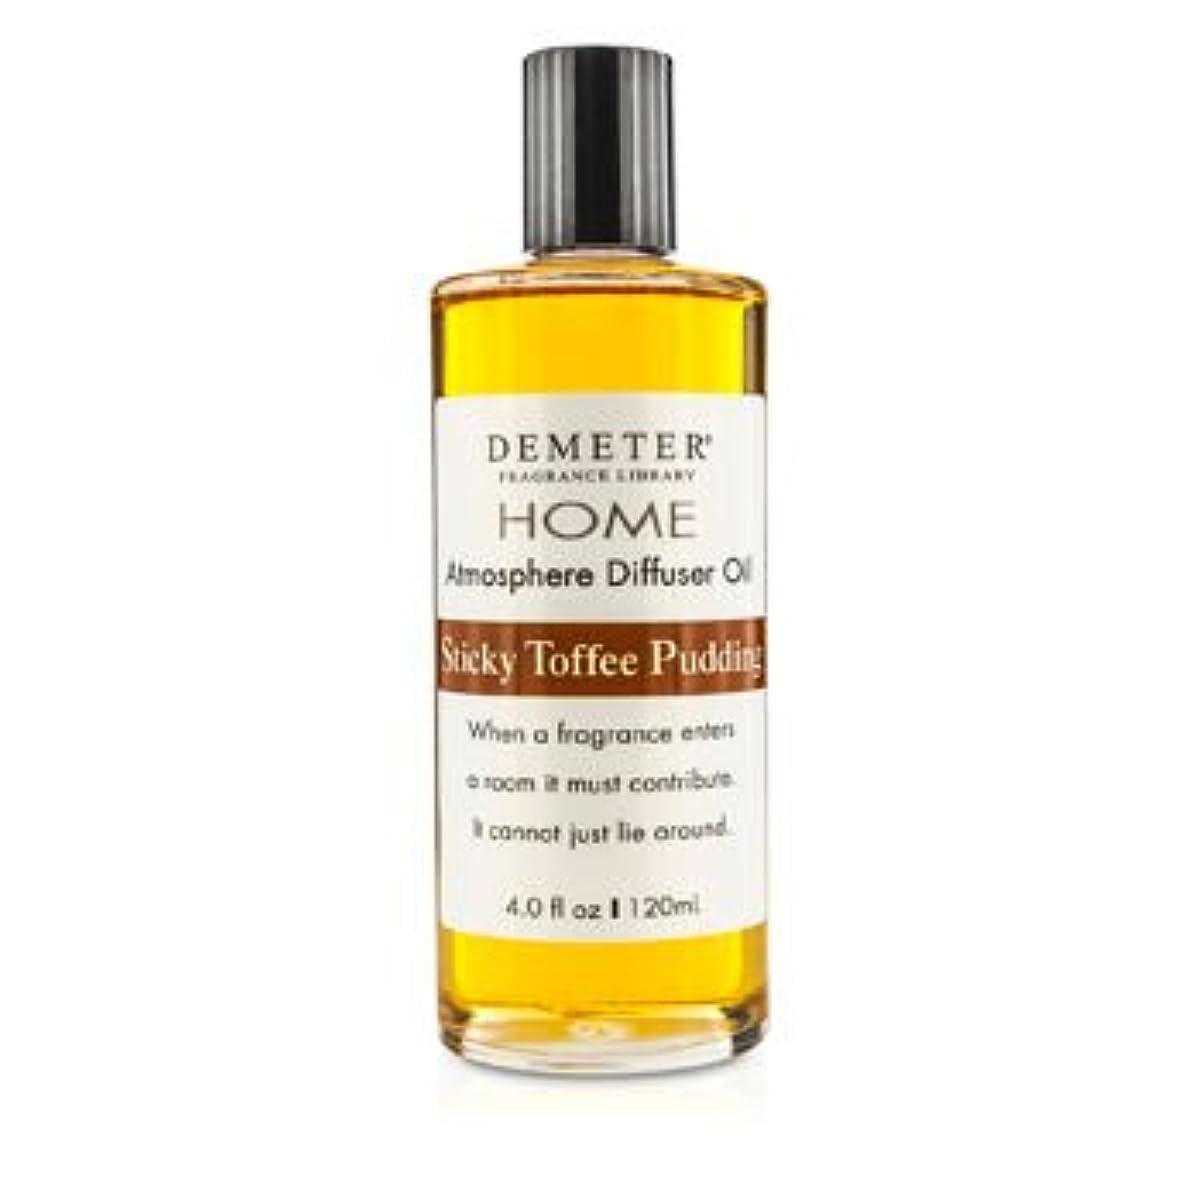 キラウエア山退屈なのヒープ[Demeter] Atmosphere Diffuser Oil - Sticky Toffee Pudding 120ml/4oz